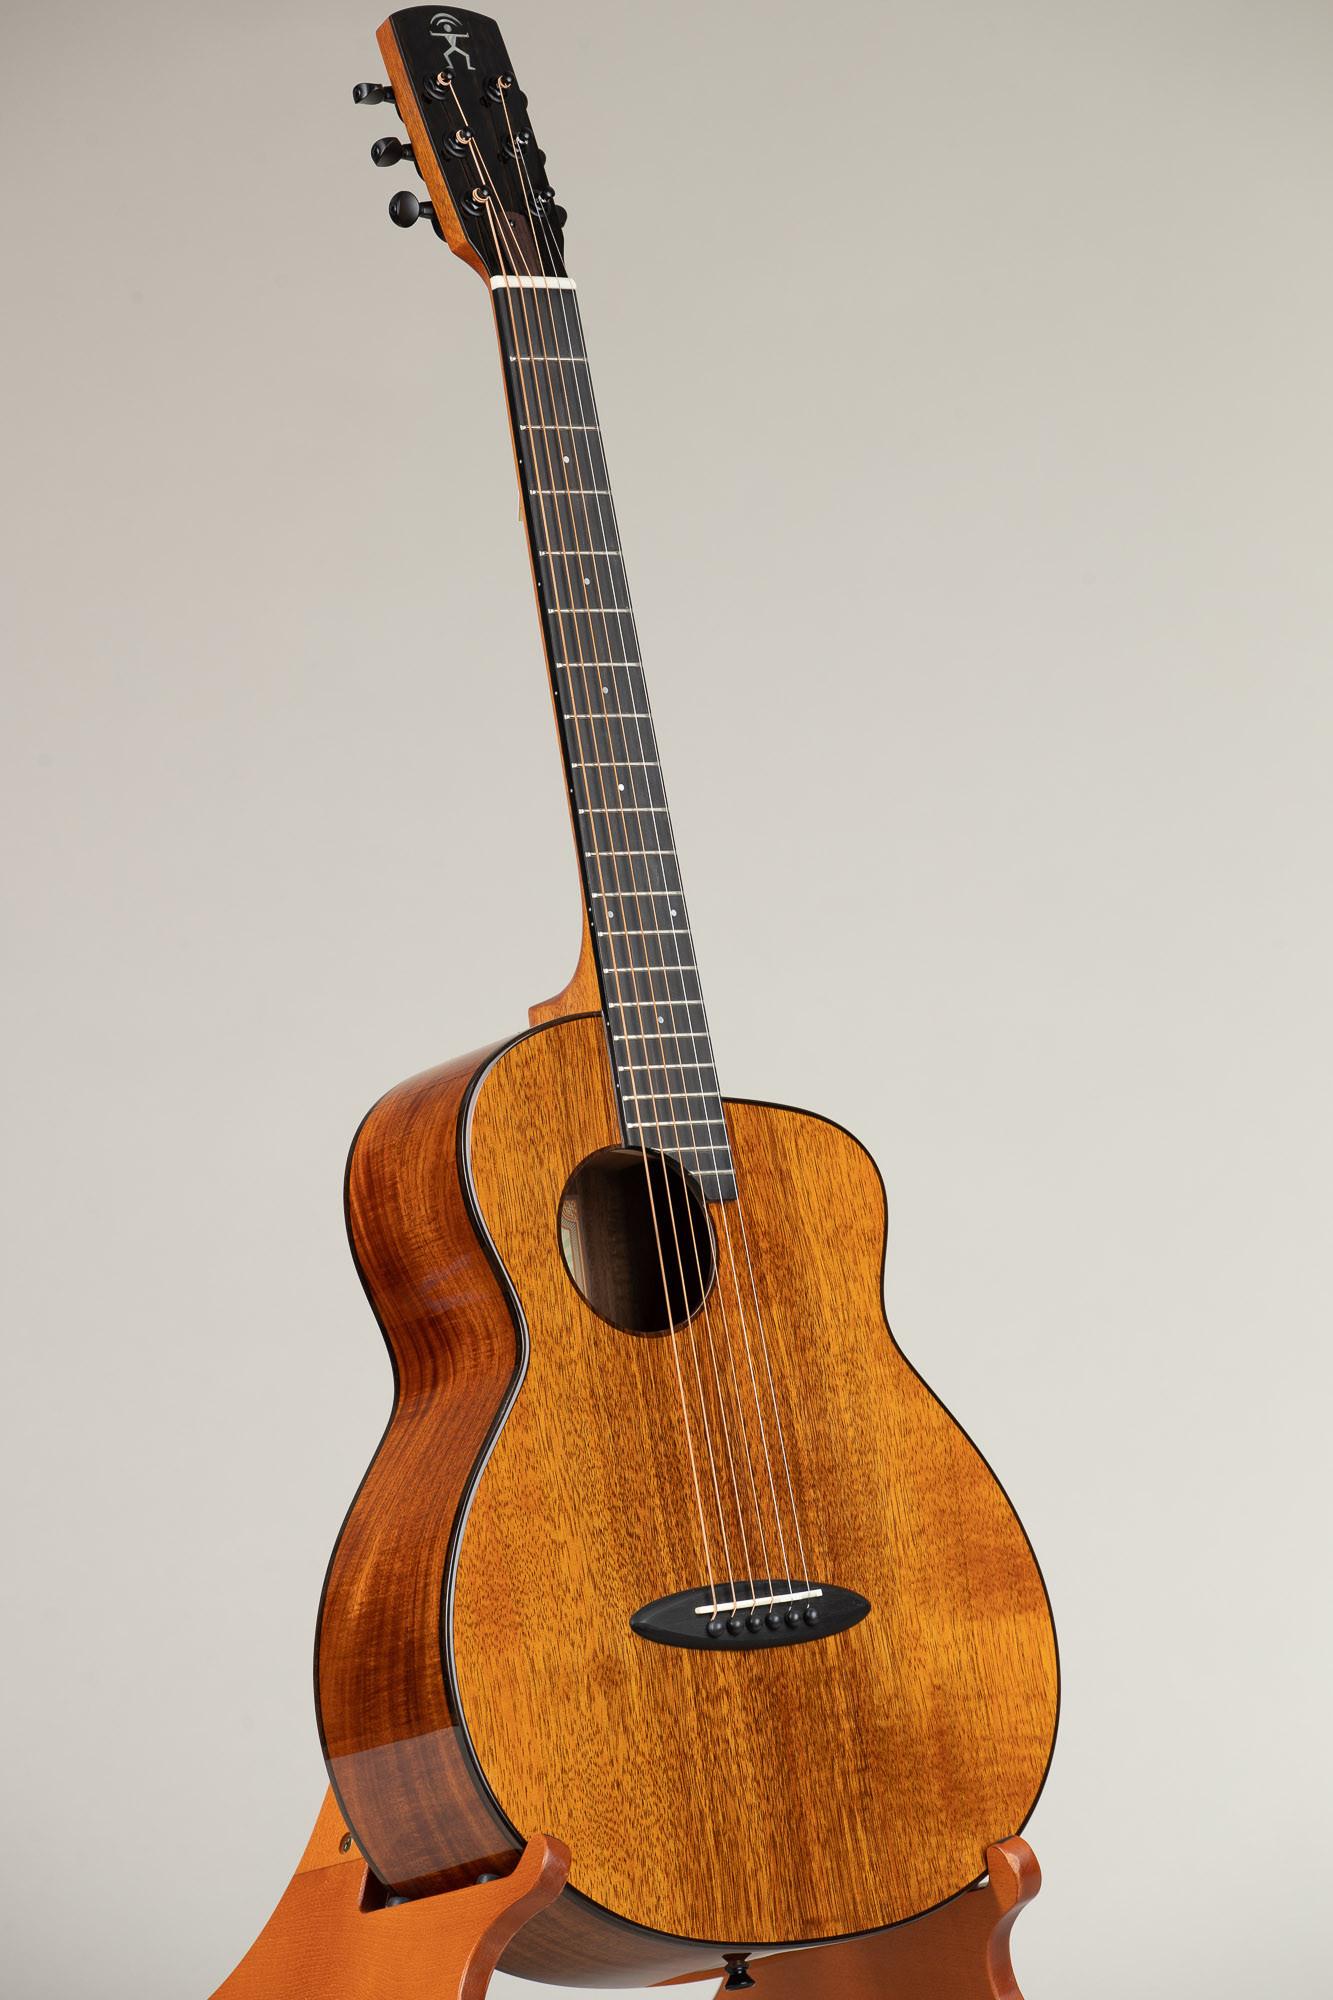 aNueNue Traveler Series Koa Guitar (M32 6506)